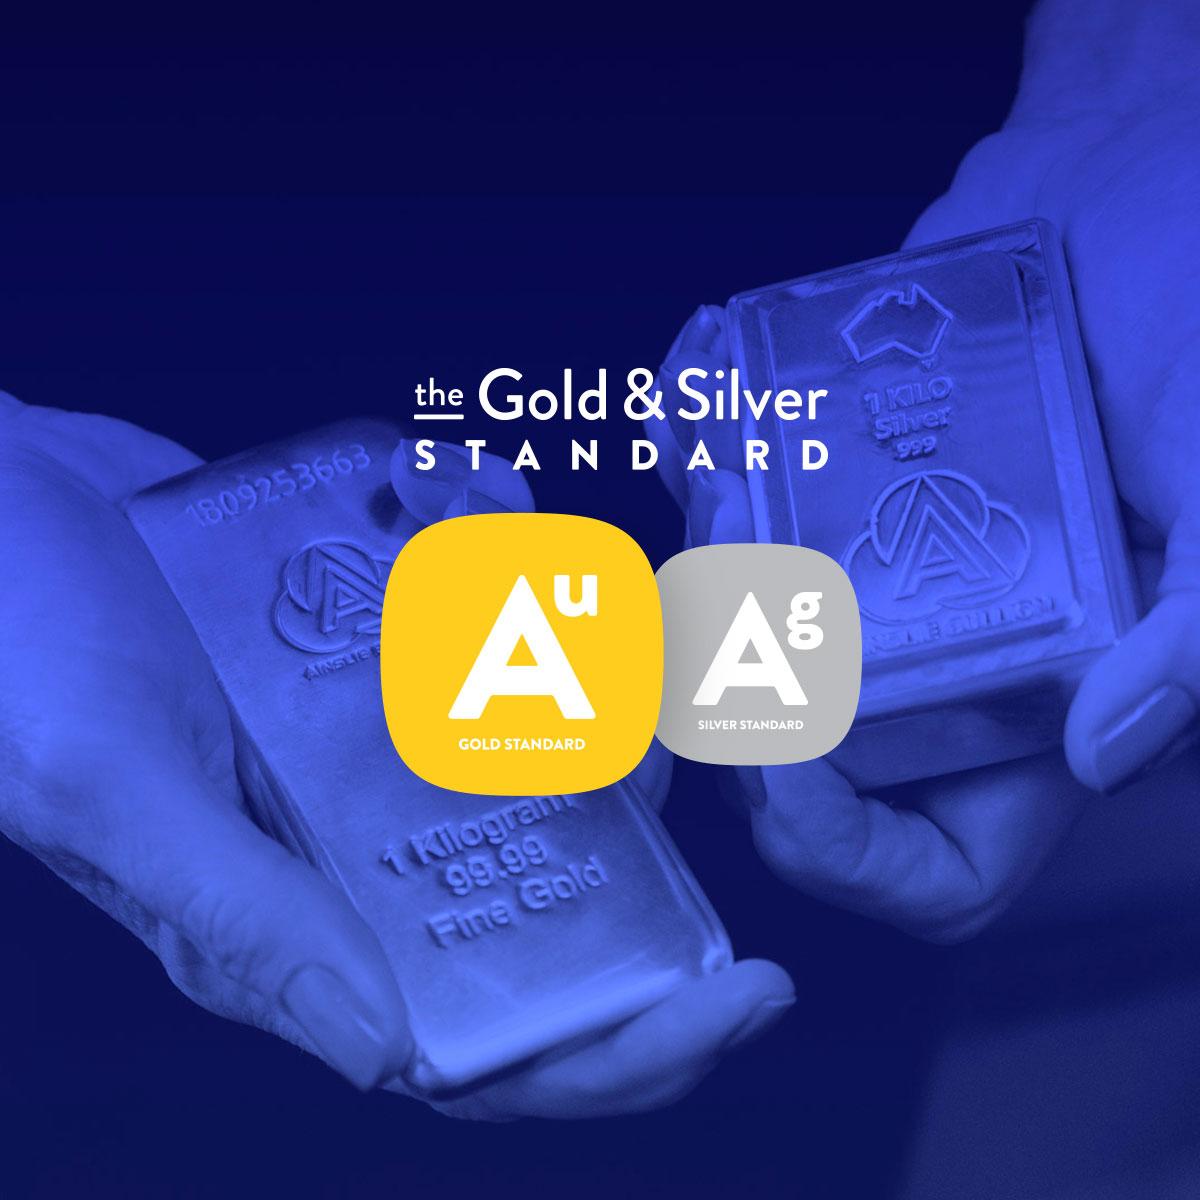 Gold Standard, USDT & Fractional Reserve Banking